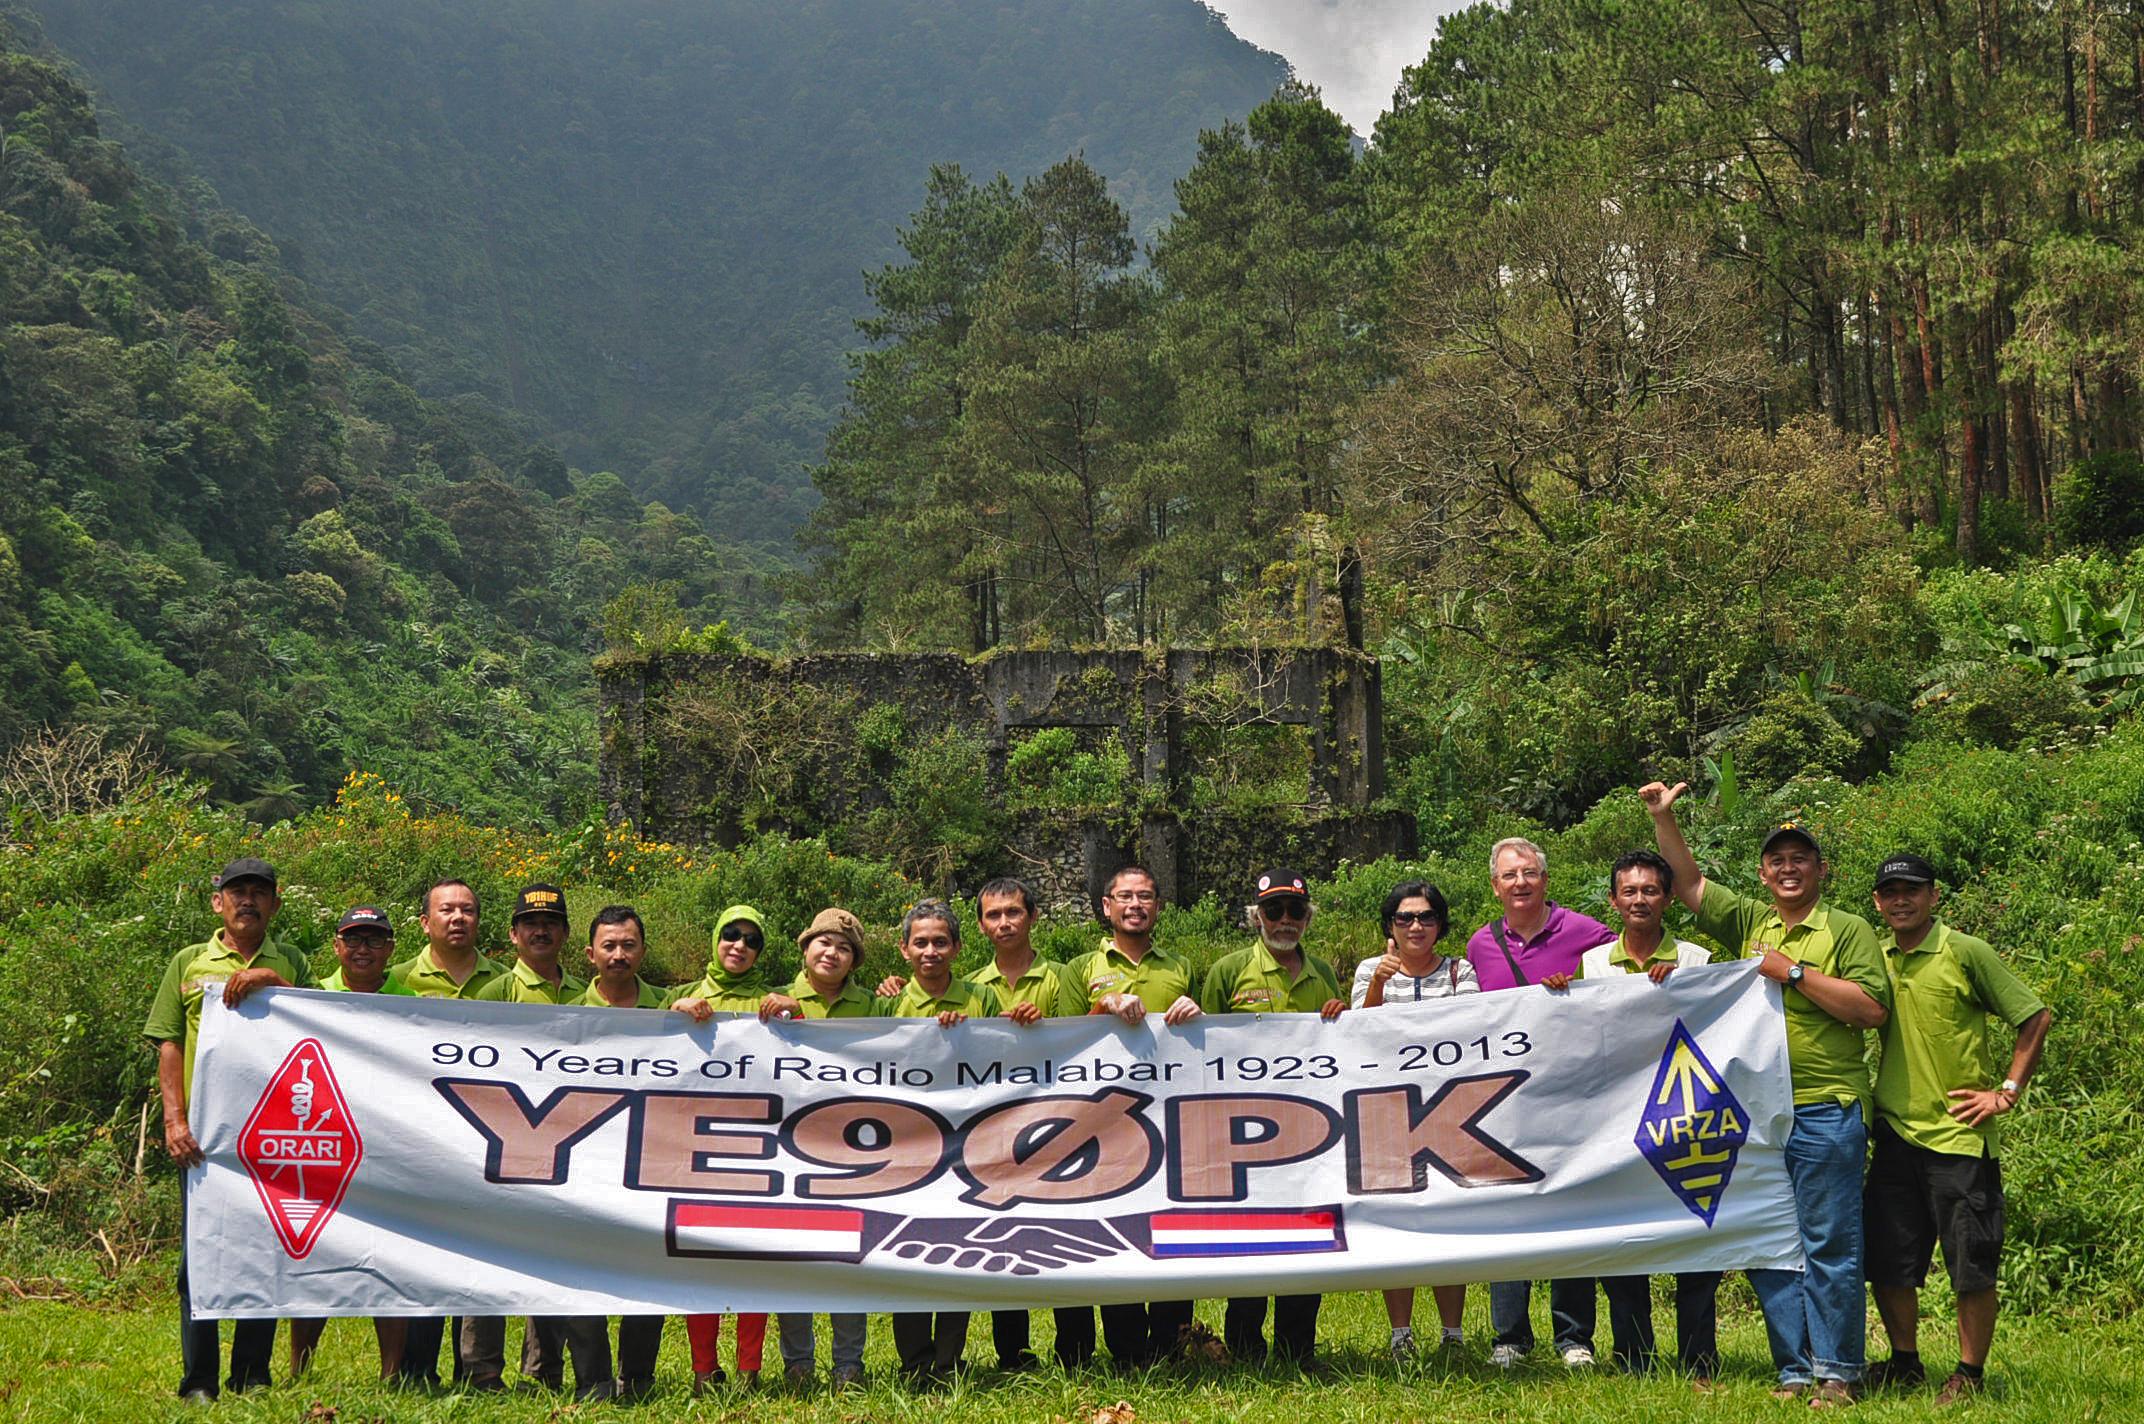 lnr YB1HK, Hendra-YC1GOF, Anwar Haryono-YE1NZ, Iwan-YB1HDF, Asep-YC1PEF, Arief-YB1JYL, Jilly-YD1NAA, Ira-YF1CRR, Roosdiarto-YB1KIZ, Asep-YF1AR, Budi Santoso-YC1DML,